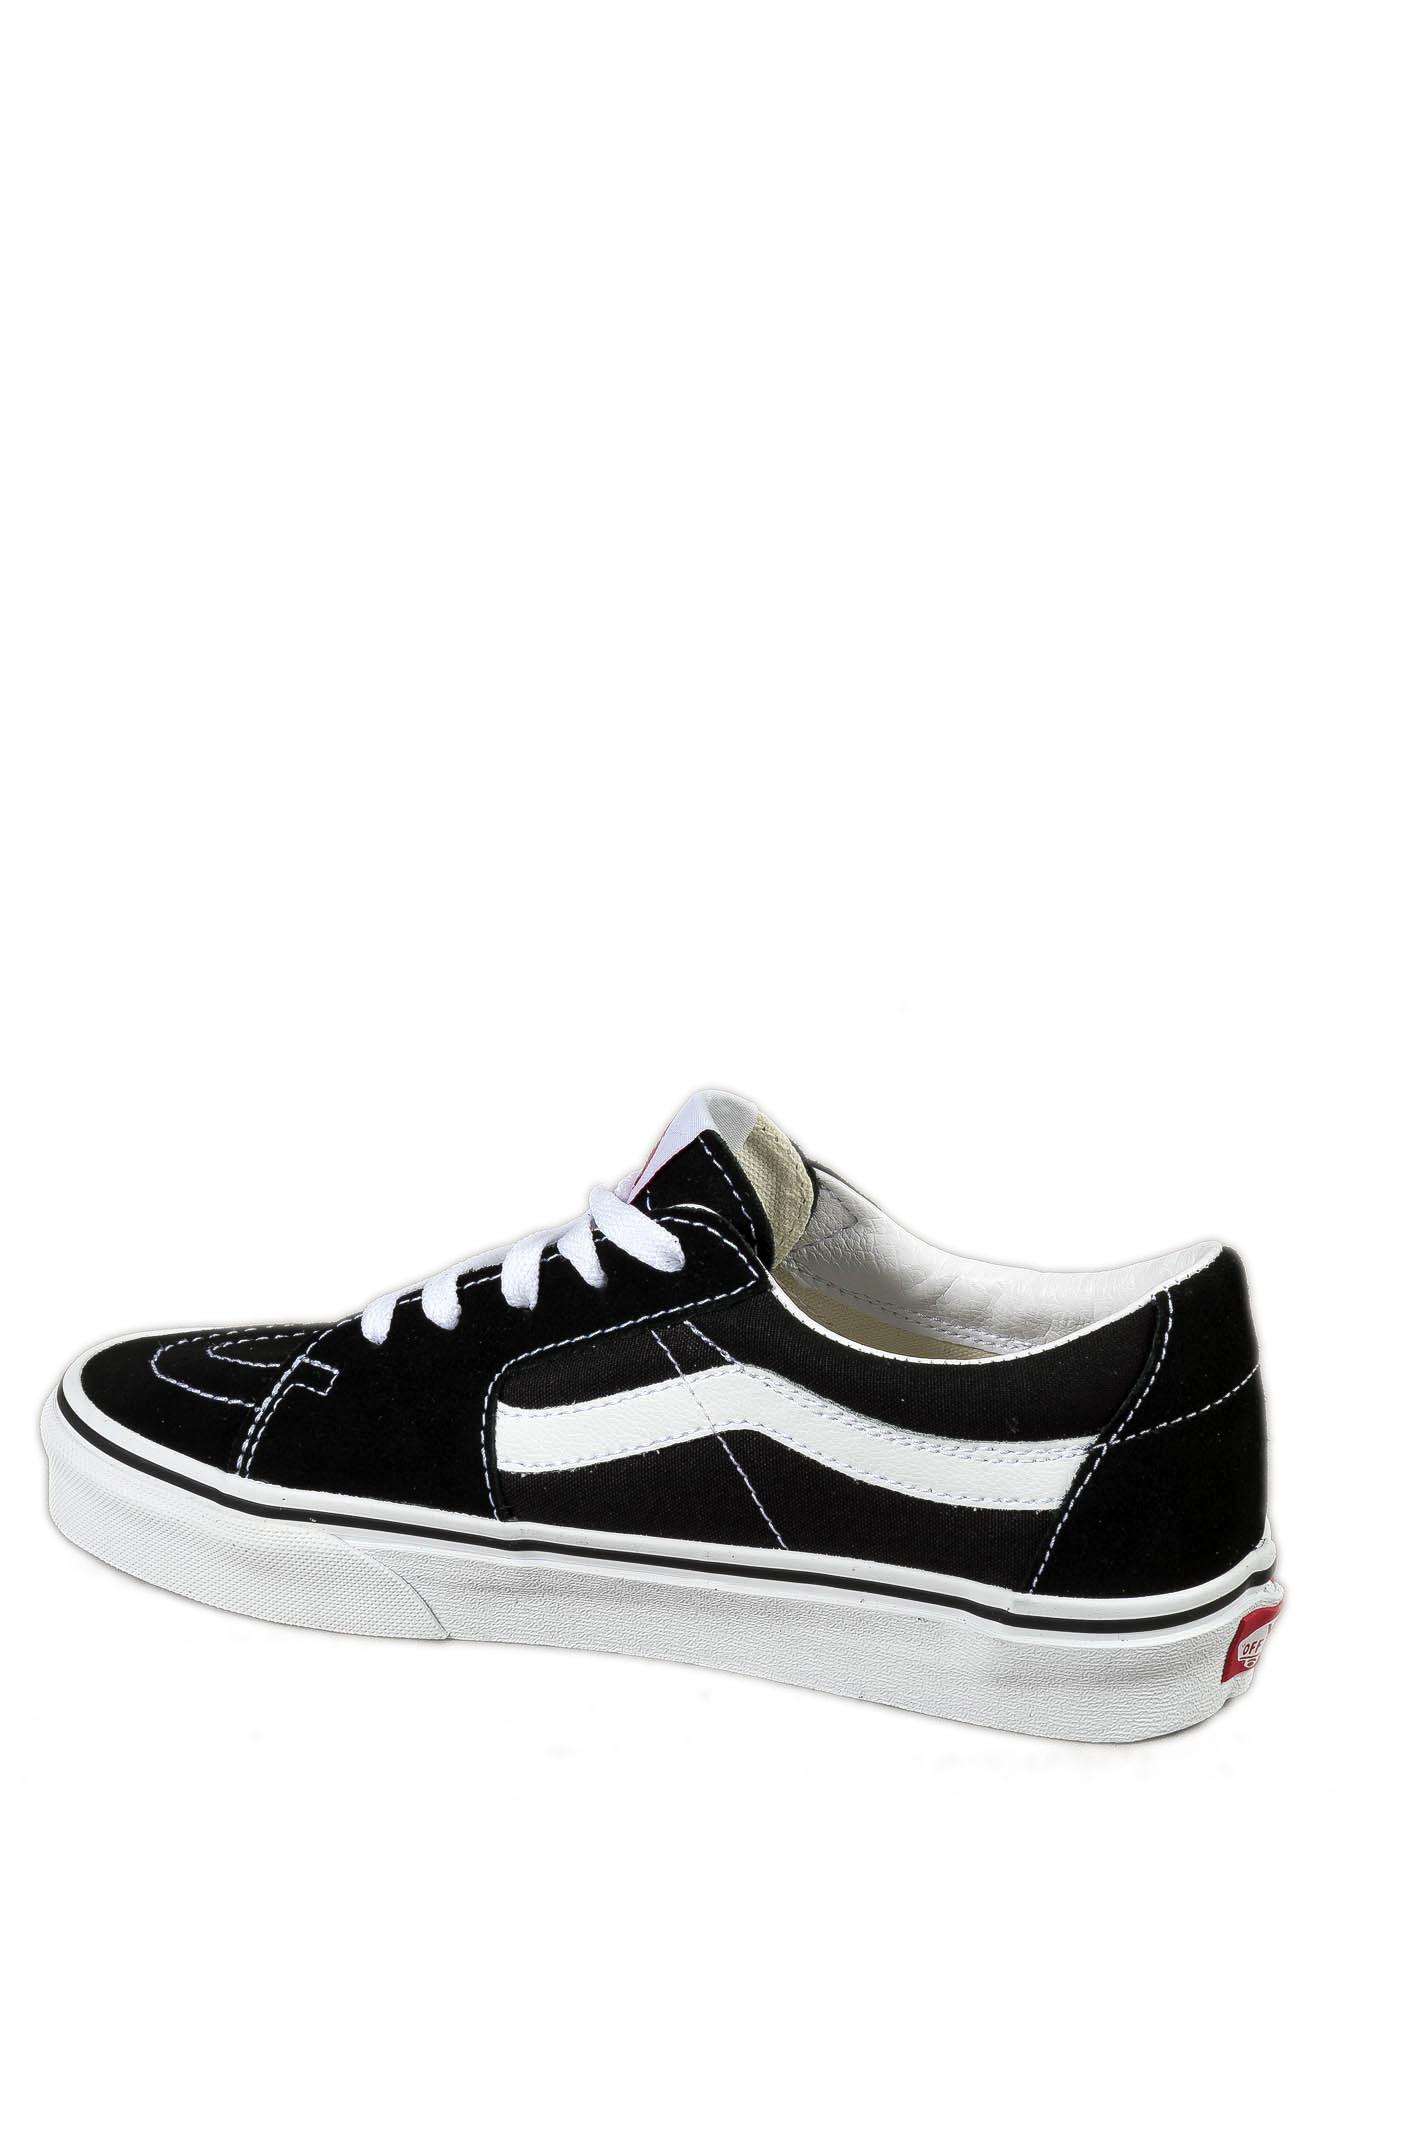 VN0A4UUK6BT1SK8 LOW-BLACK/WHITE